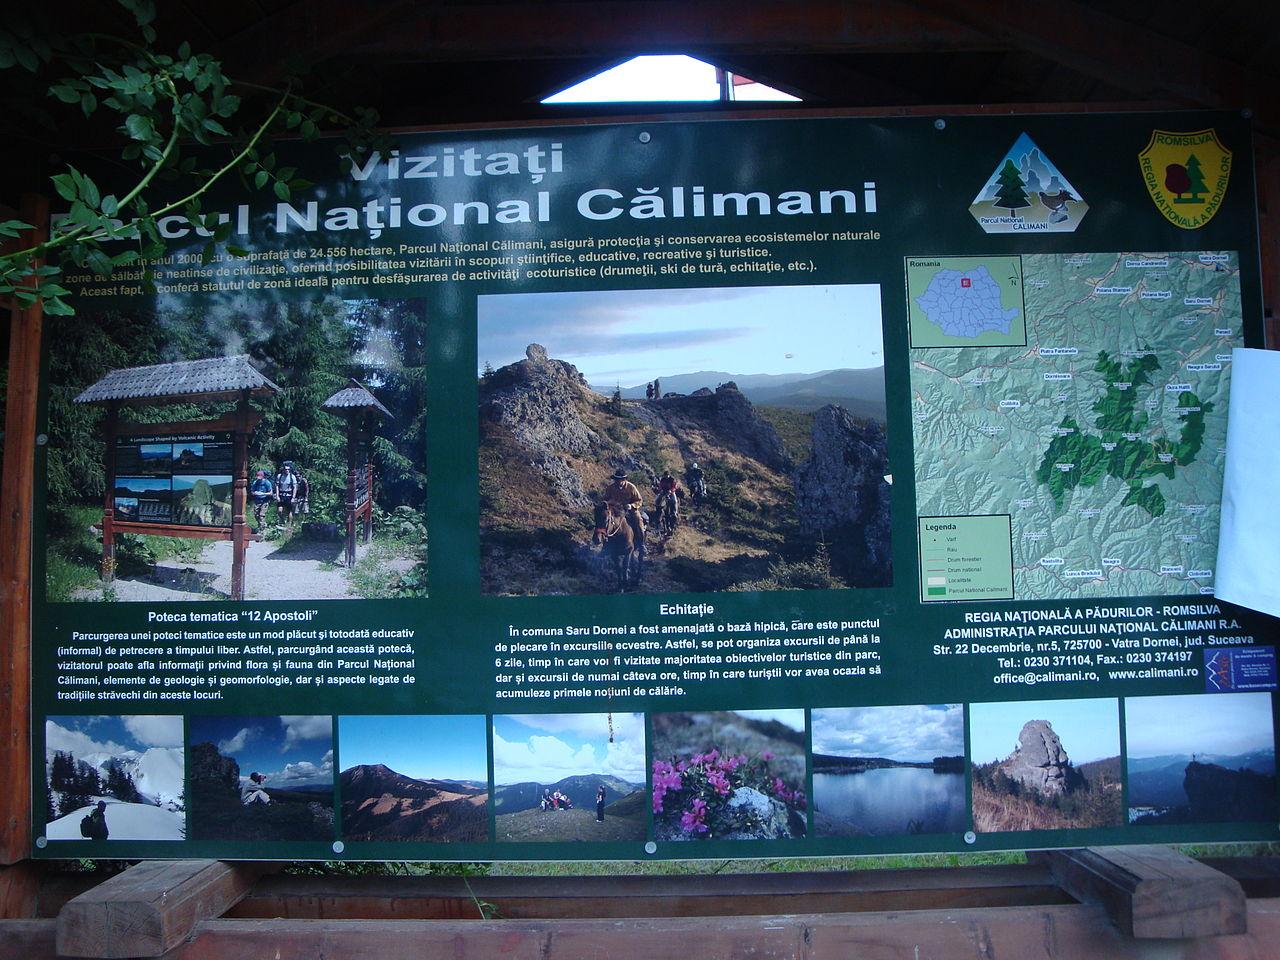 File:Vizitati parcul national Calimani JPG - Wikimedia Commons